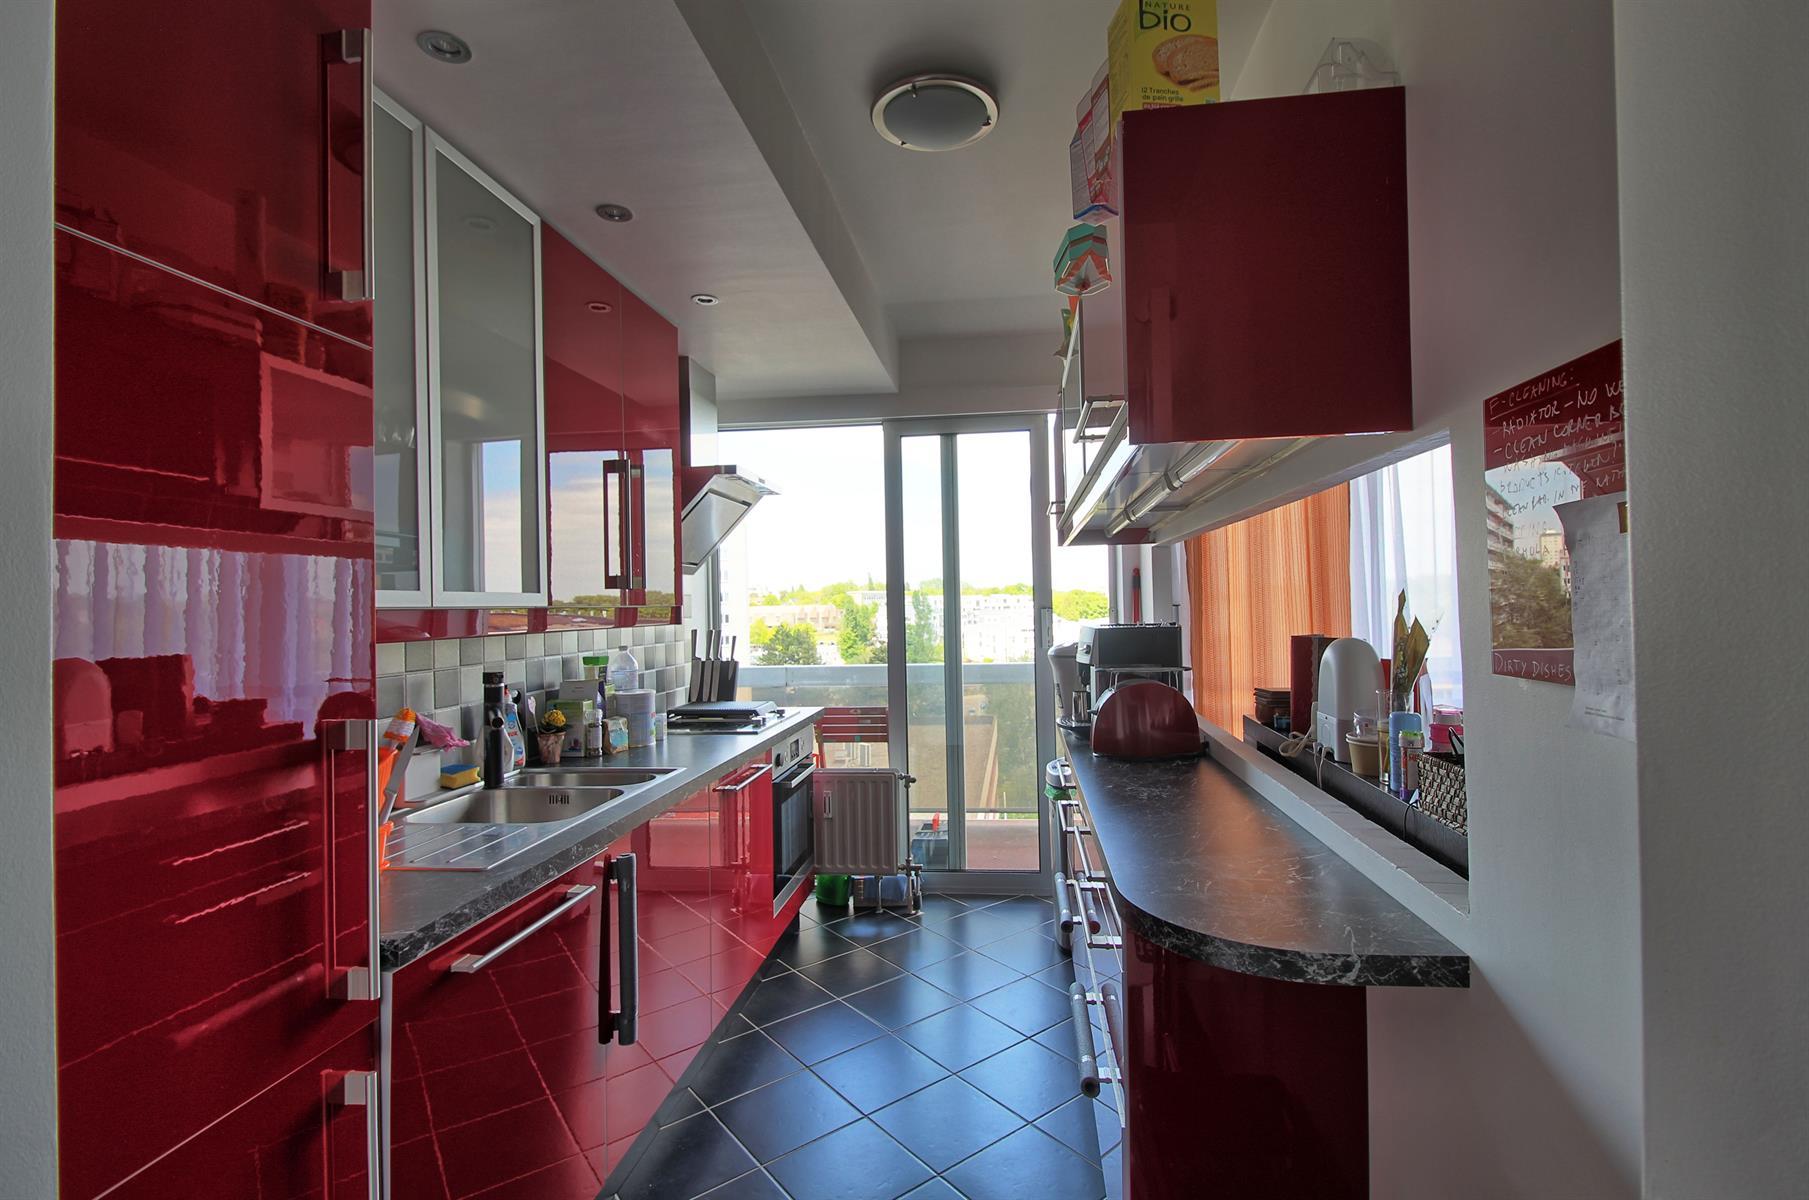 Flat - Woluwe-Saint-Lambert - #4207409-2